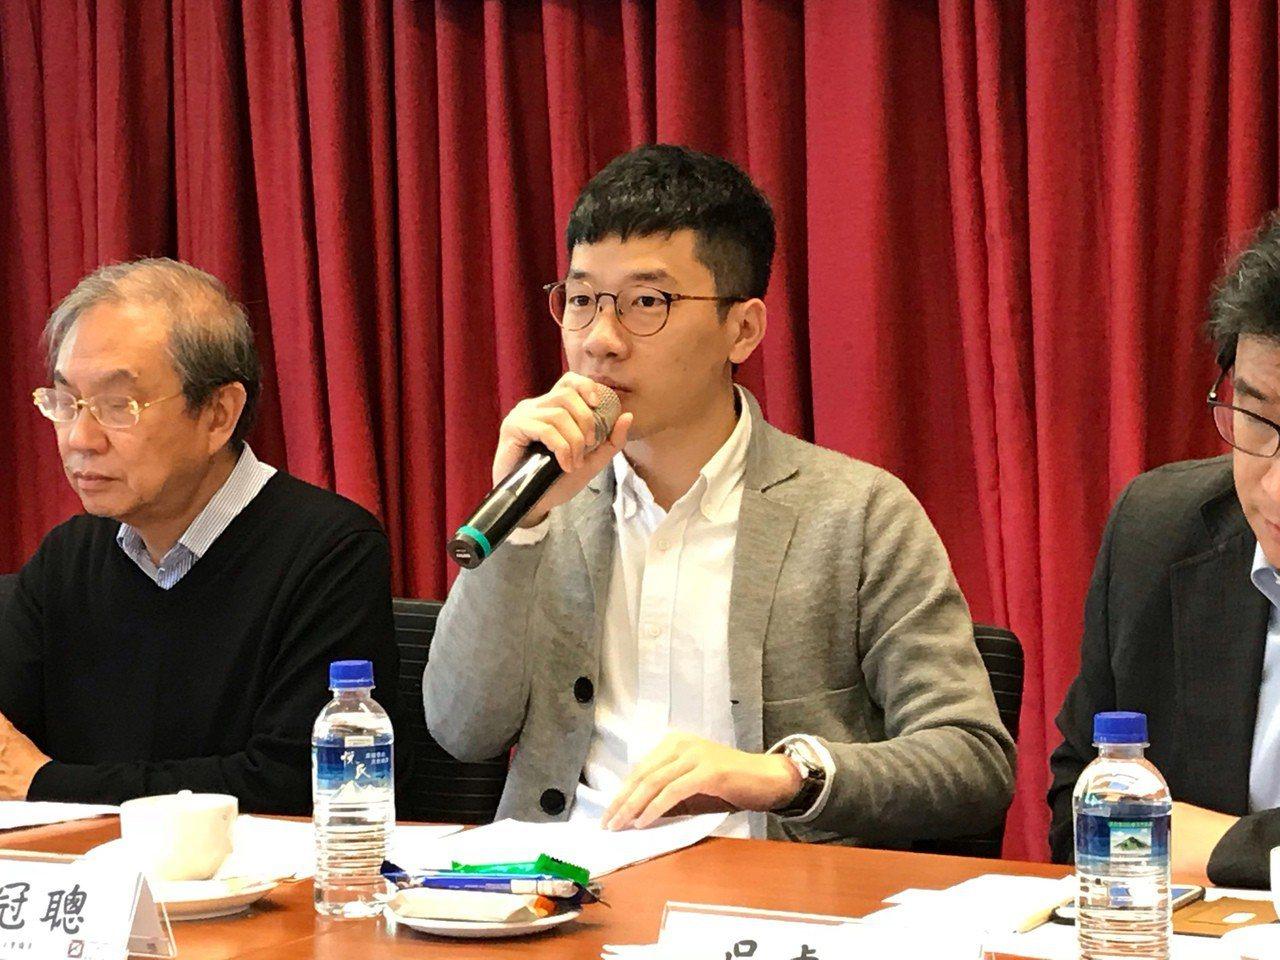 香港眾志率團訪美晤官員提六項指標,促檢視香港自治程度。 中央社